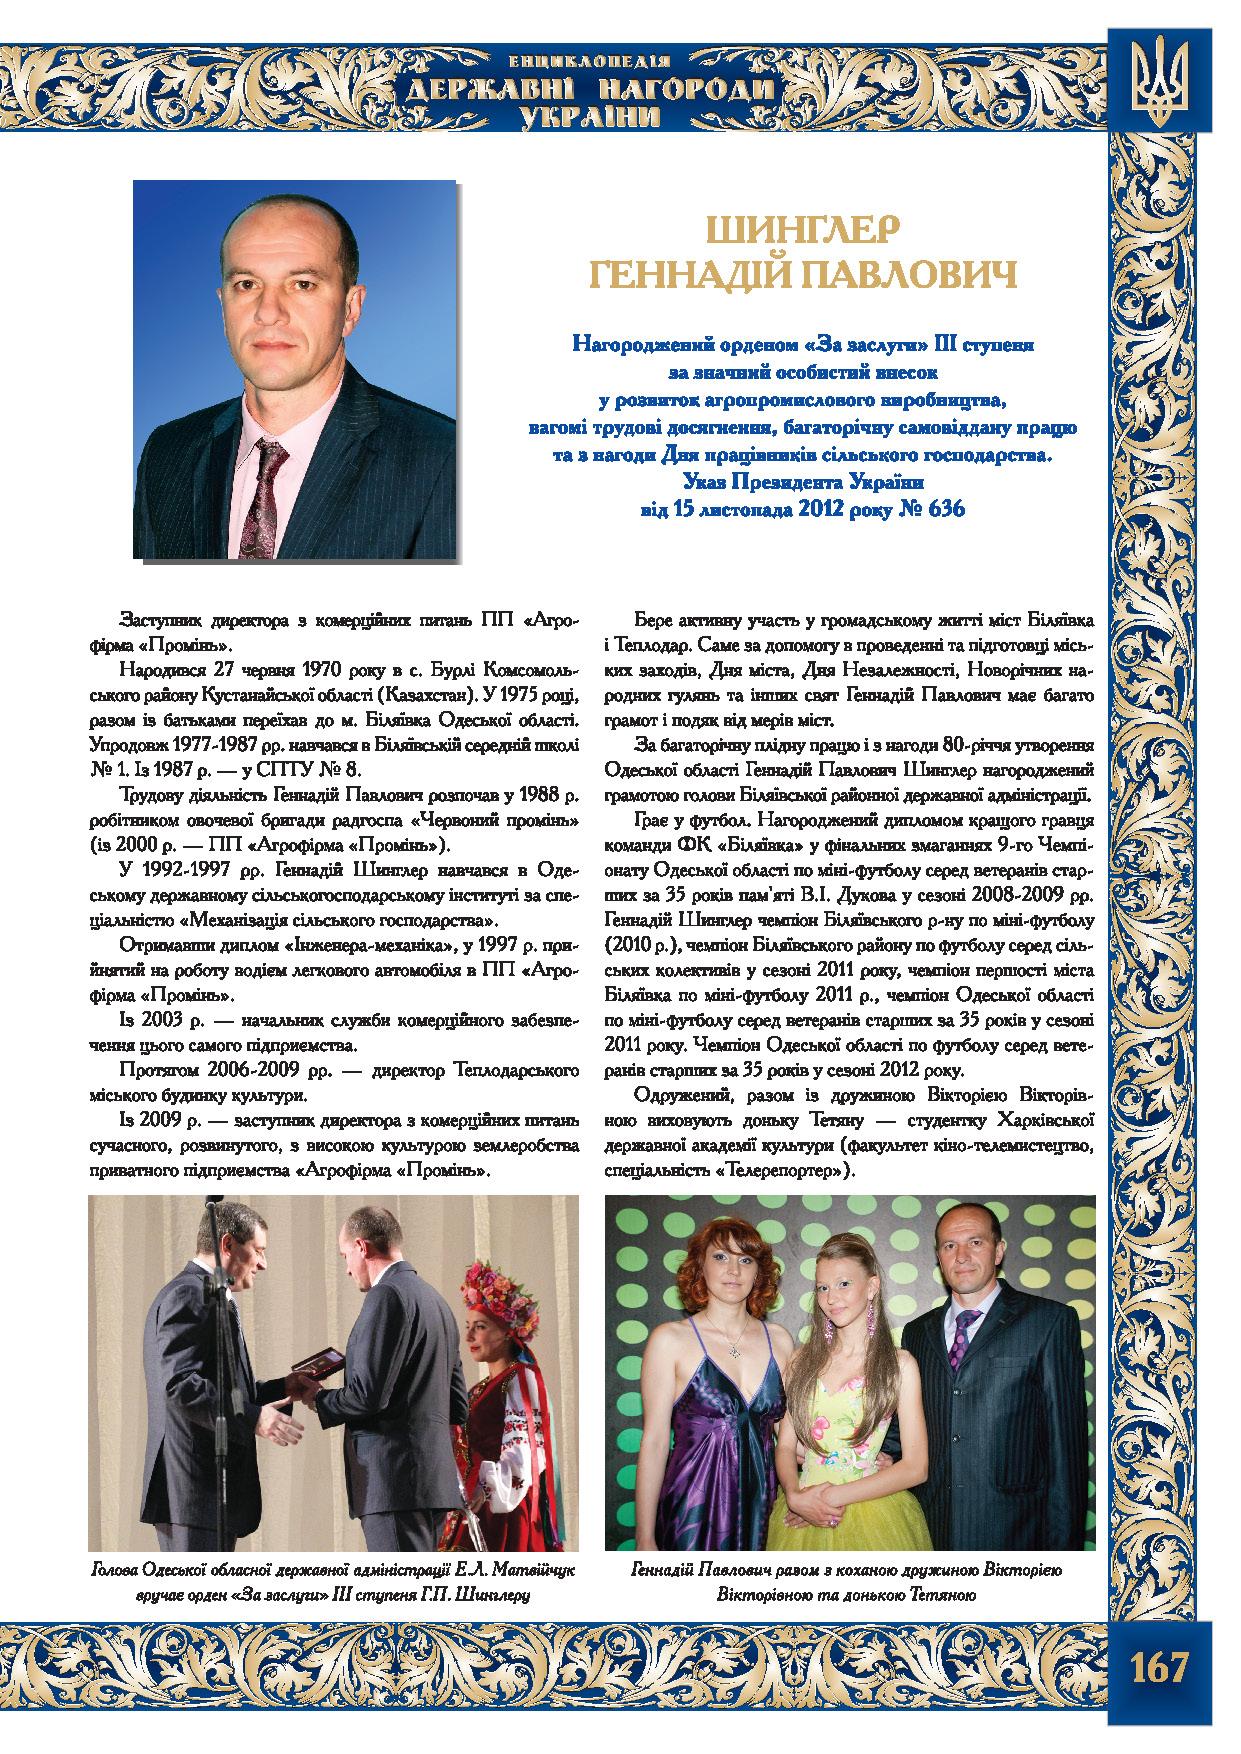 Шинглер Геннадій Павлович